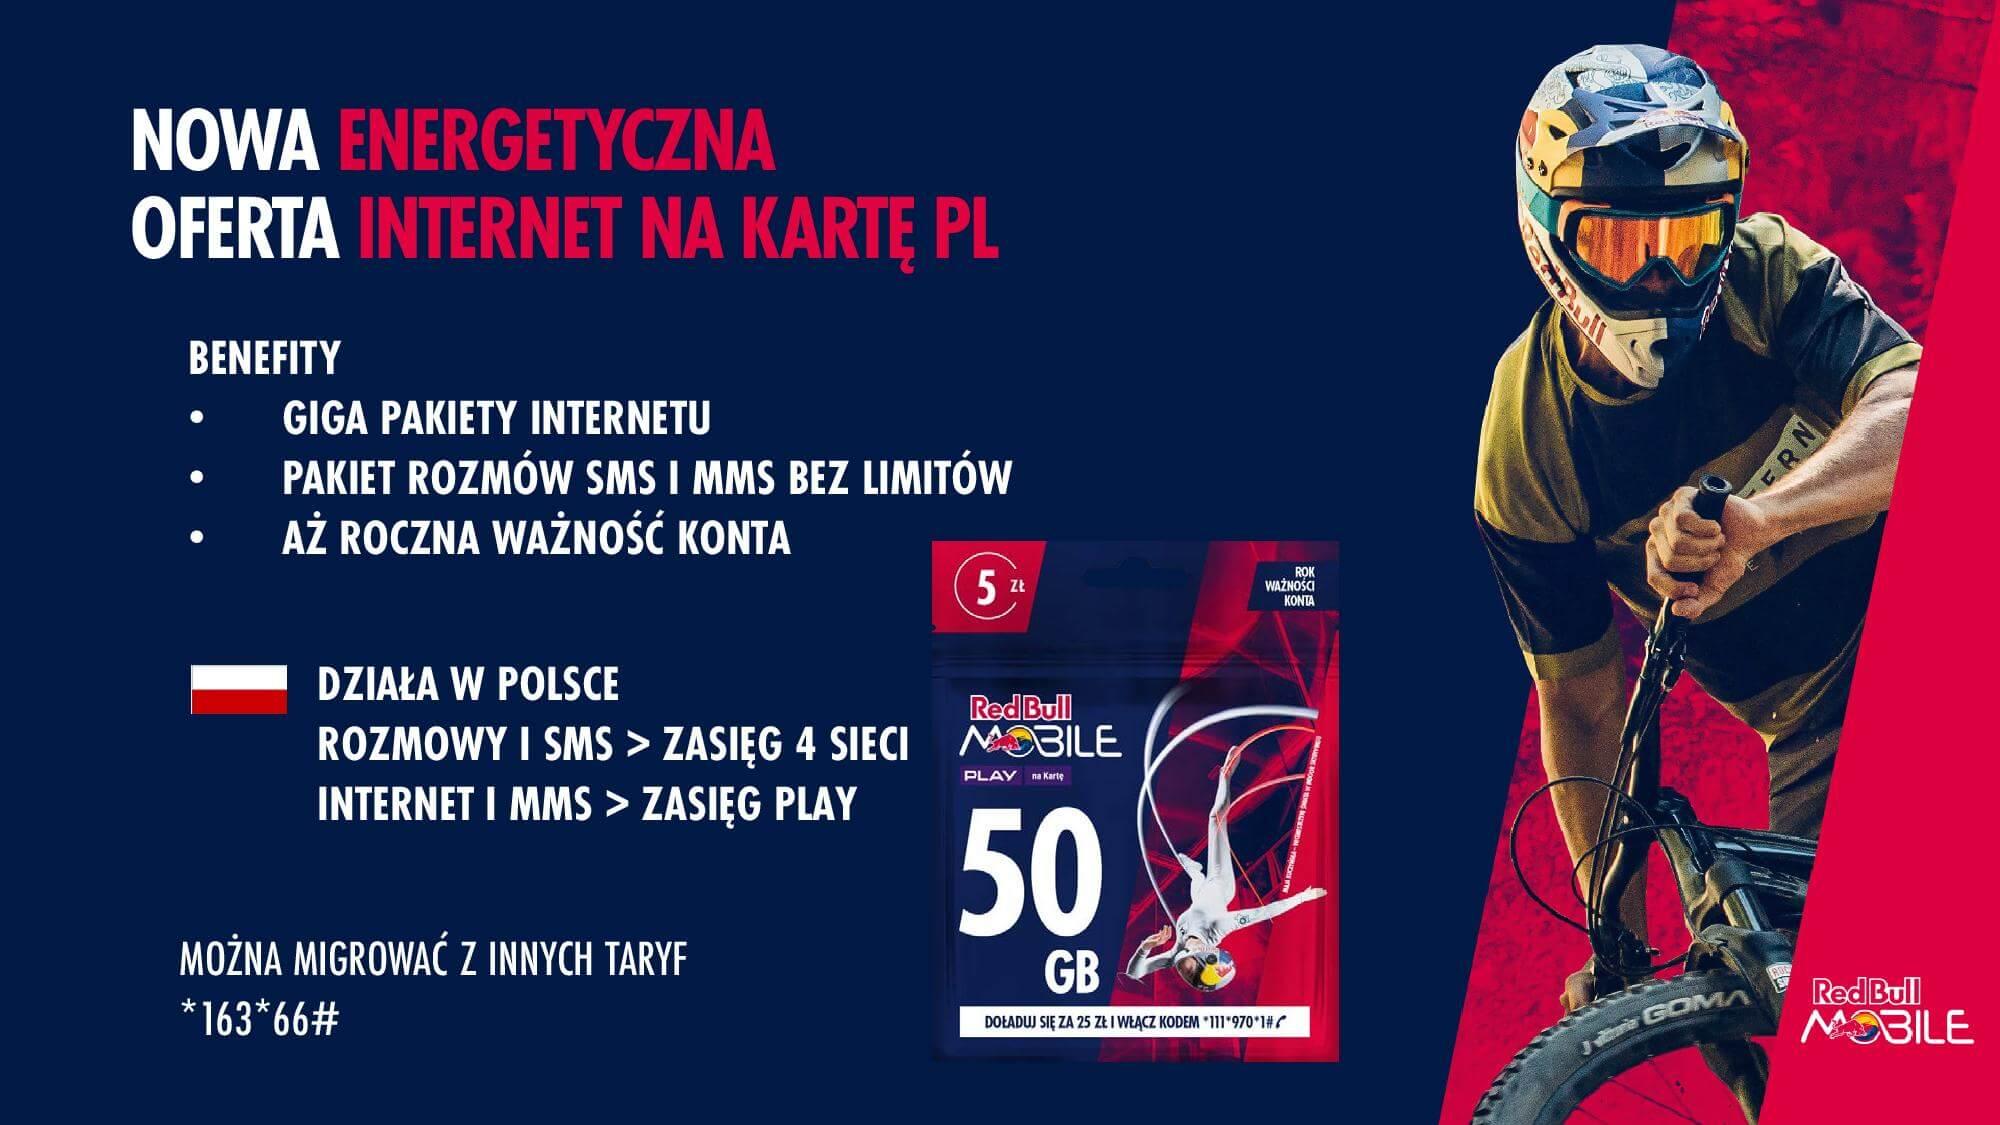 Tabletowo.pl Red Bull Mobile przedstawia nową ofertę. Największą nowością gigabajty, przechodzące na kolejne miesiące GSM Nowości